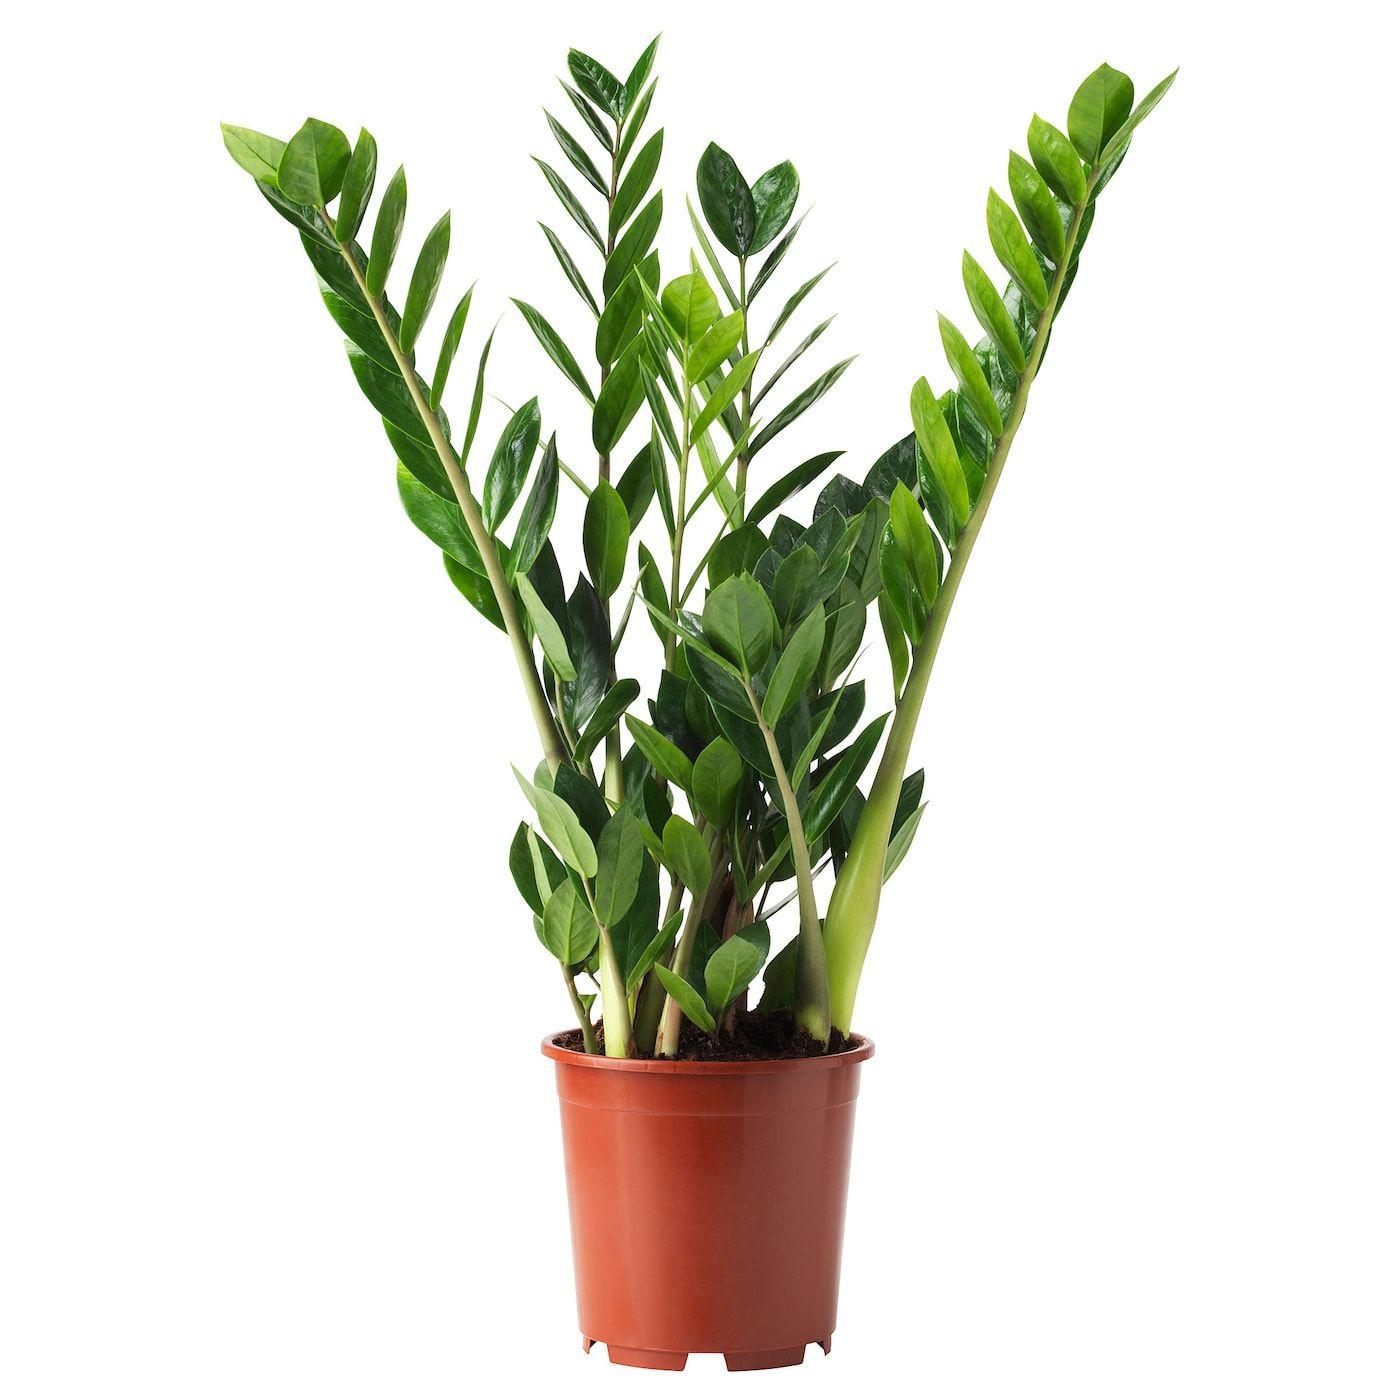 Full Size of Kräutertopf Ikea Zamioculcas Pflanze Sterreich Pflanzen Küche Kosten Betten 160x200 Modulküche Kaufen Sofa Mit Schlaffunktion Bei Miniküche Wohnzimmer Kräutertopf Ikea